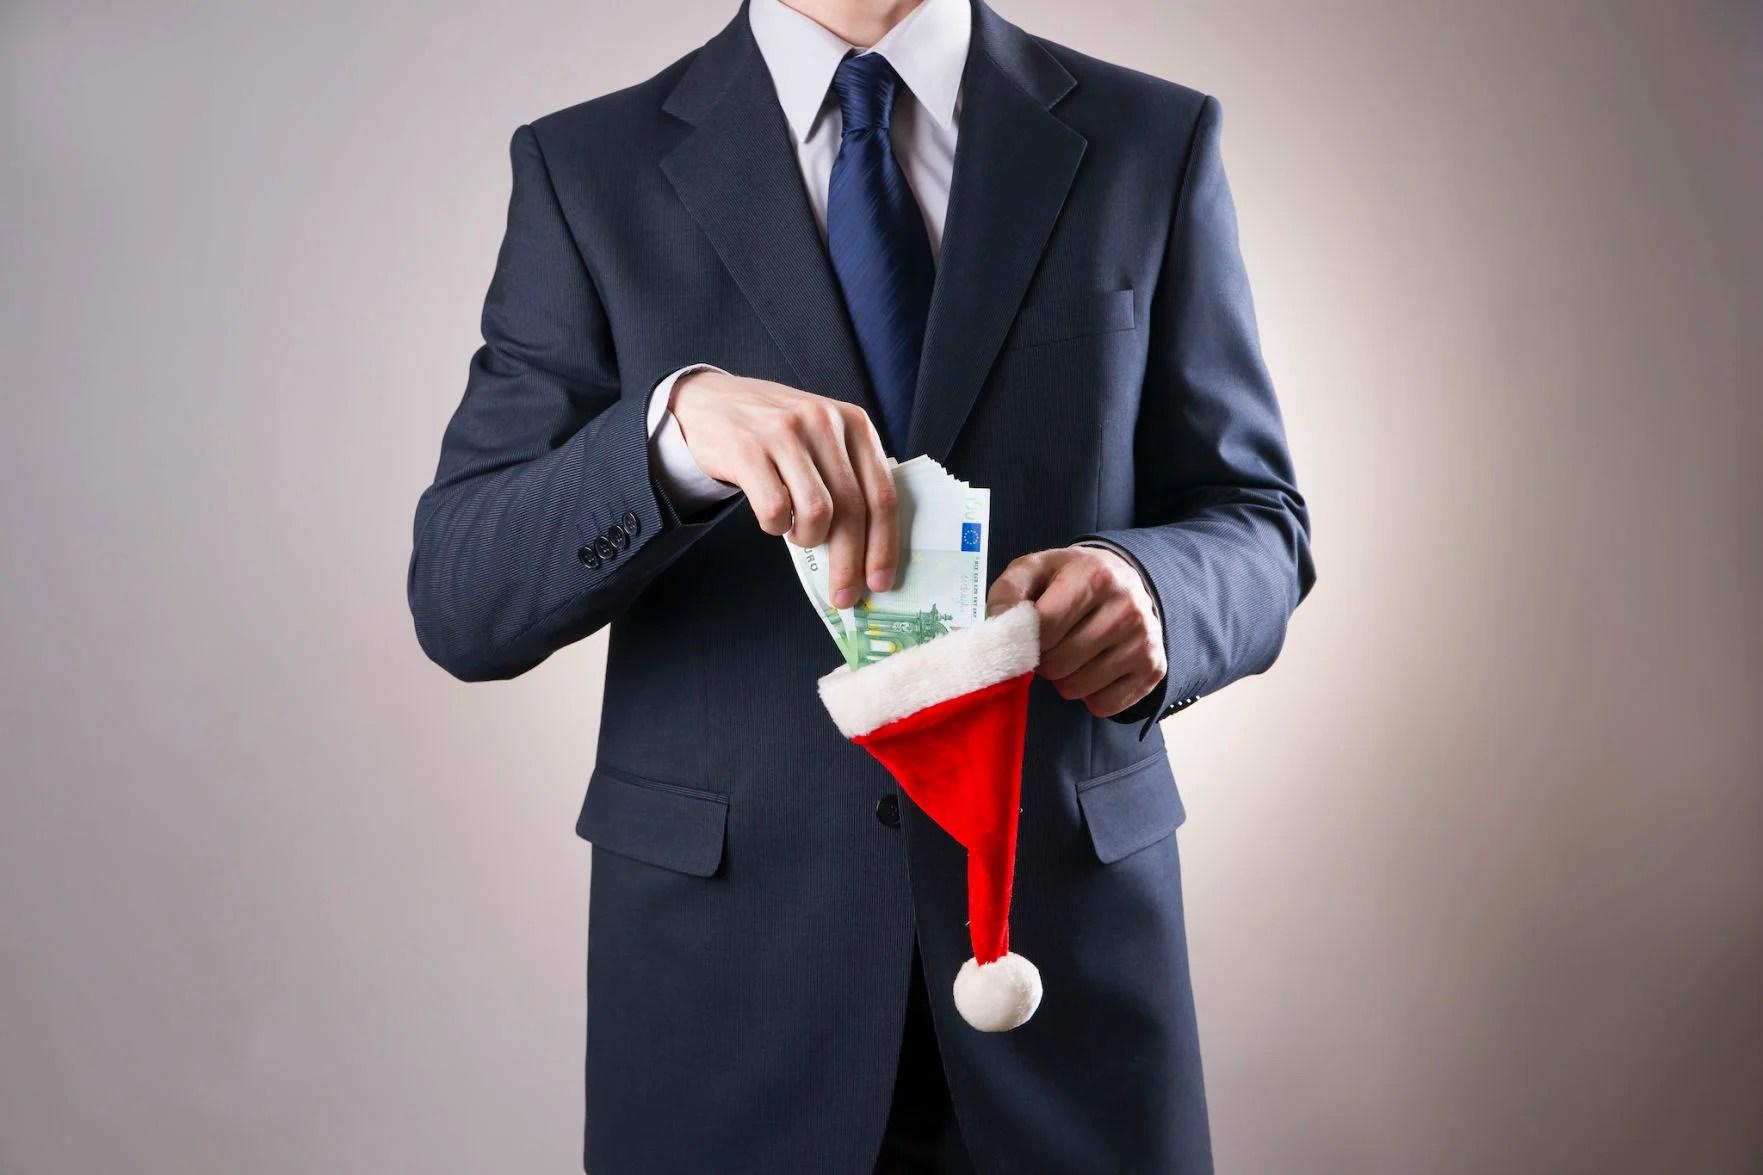 Junta asegura que pago de bono no es solución permanente